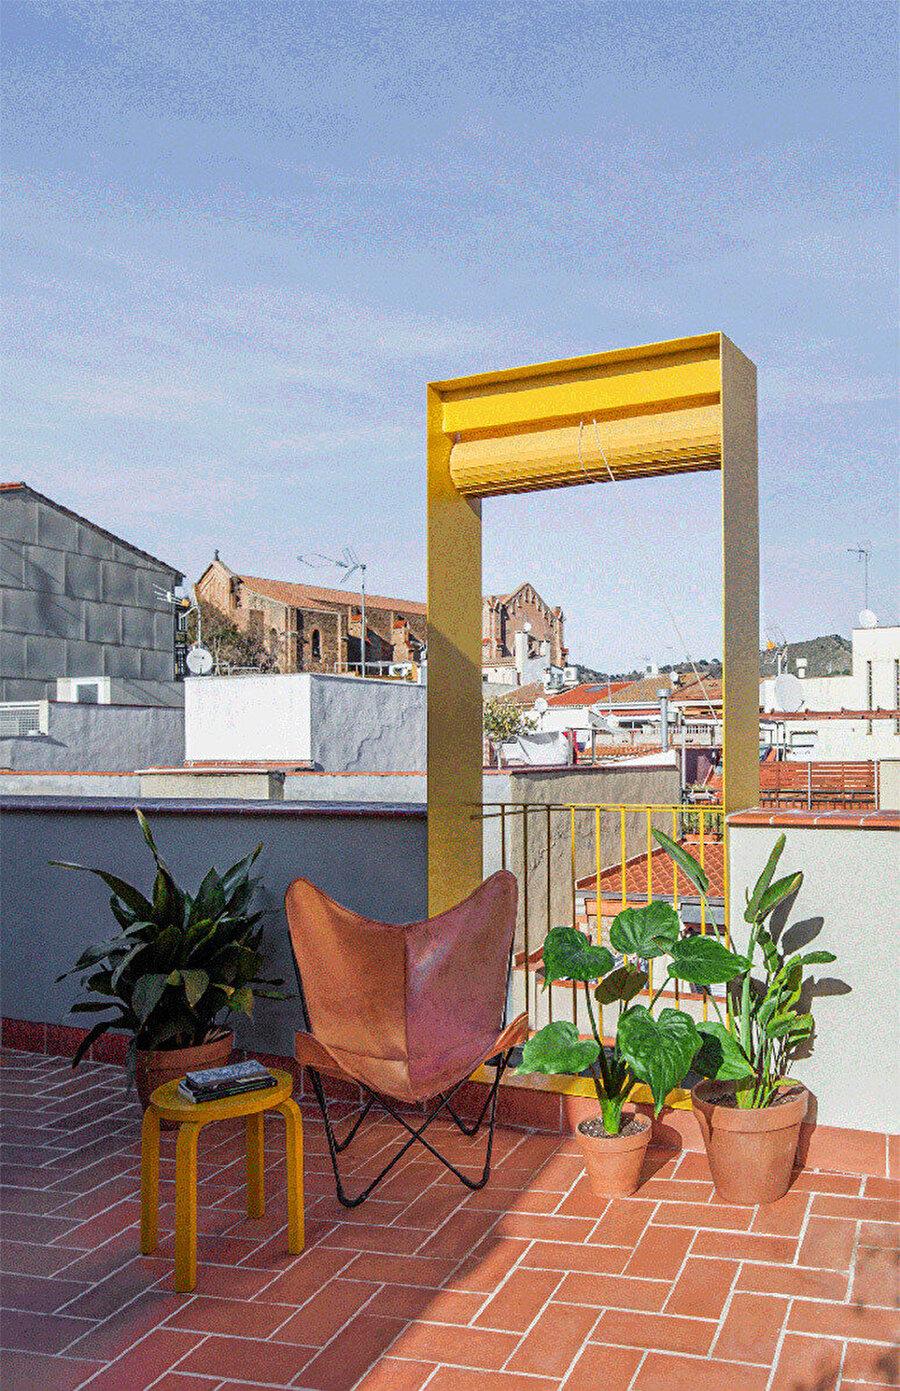 Cephenin detaylarındaki sadelik, komşu binayla bağlantı kurmak için teras katında hareketlilik kazanıyor.